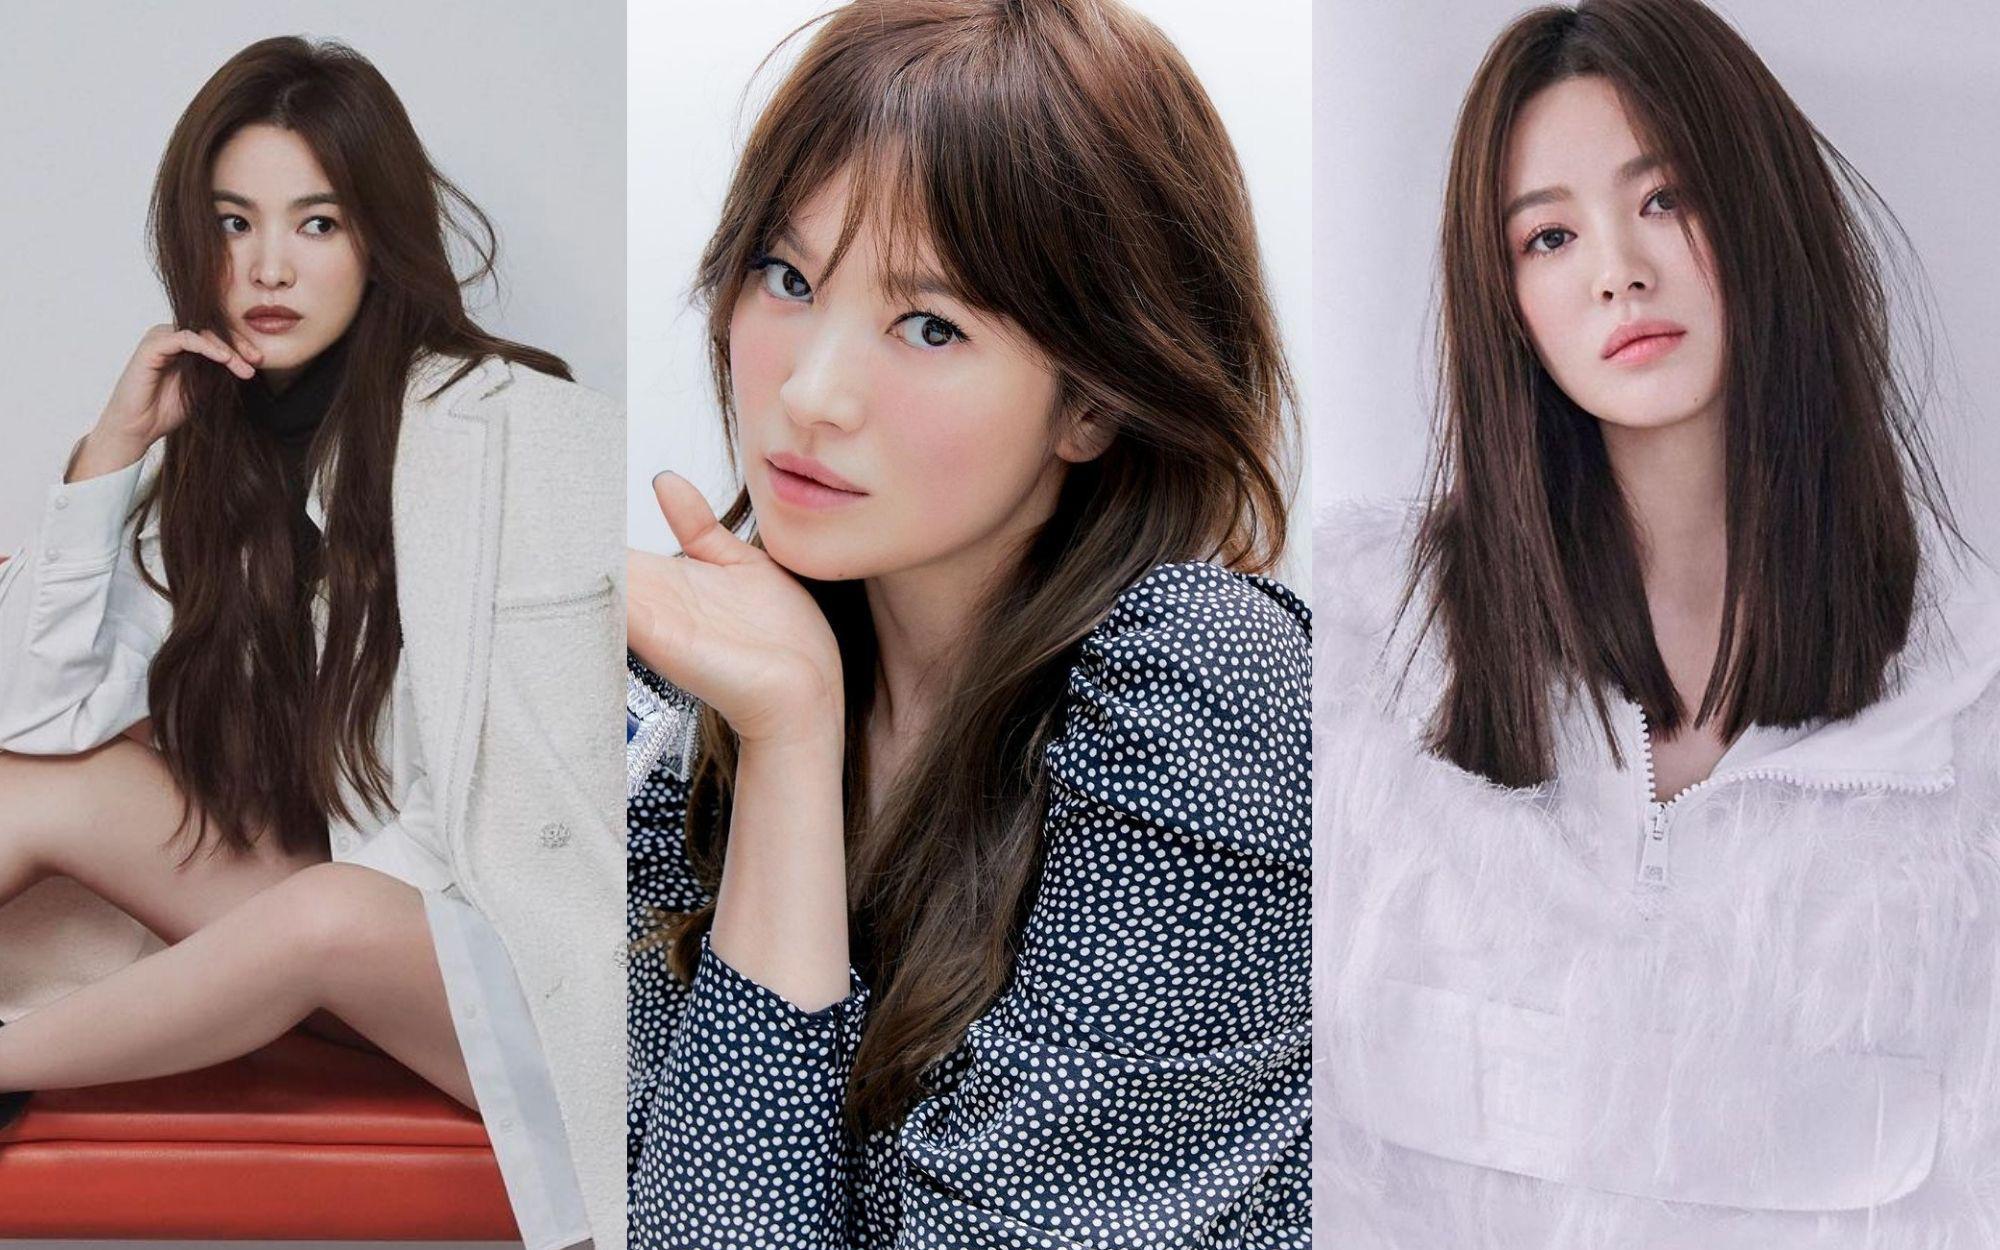 """6 kiểu tóc xuất sắc nhất của Song Hye Kyo, chị em U30 """"đu"""" theo thì nhan sắc dễ thăng hạng trong nháy mắt"""